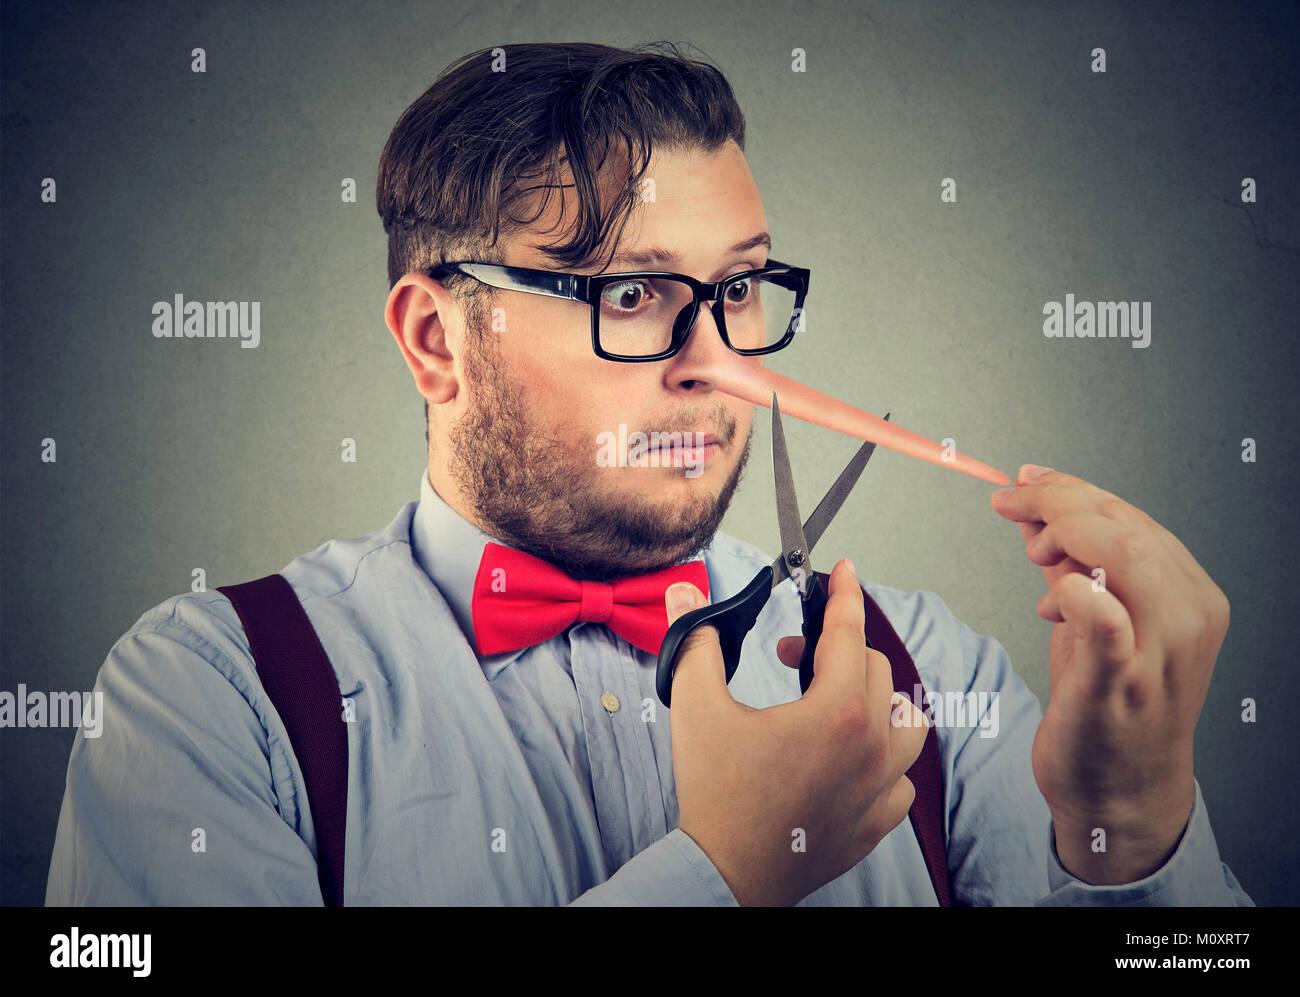 Chubby man tener una larga nariz de mentiroso intentando cortar y cambiar la situación. Imagen De Stock